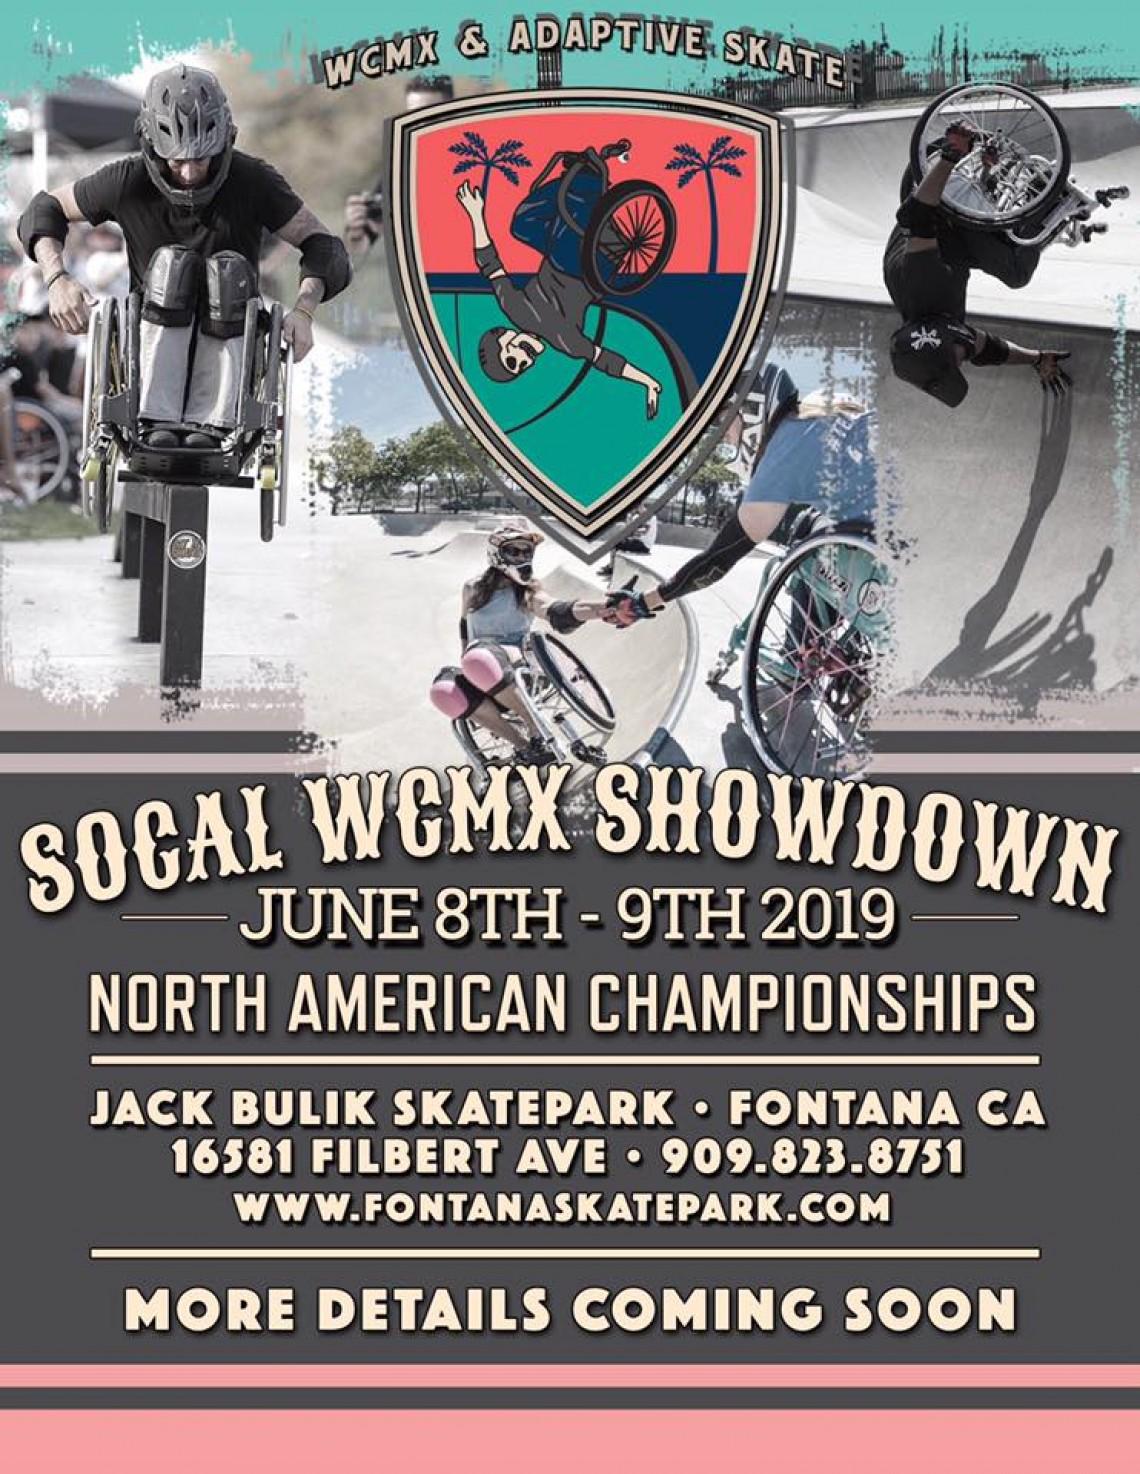 Socalwcmx Showdown, Fontana California